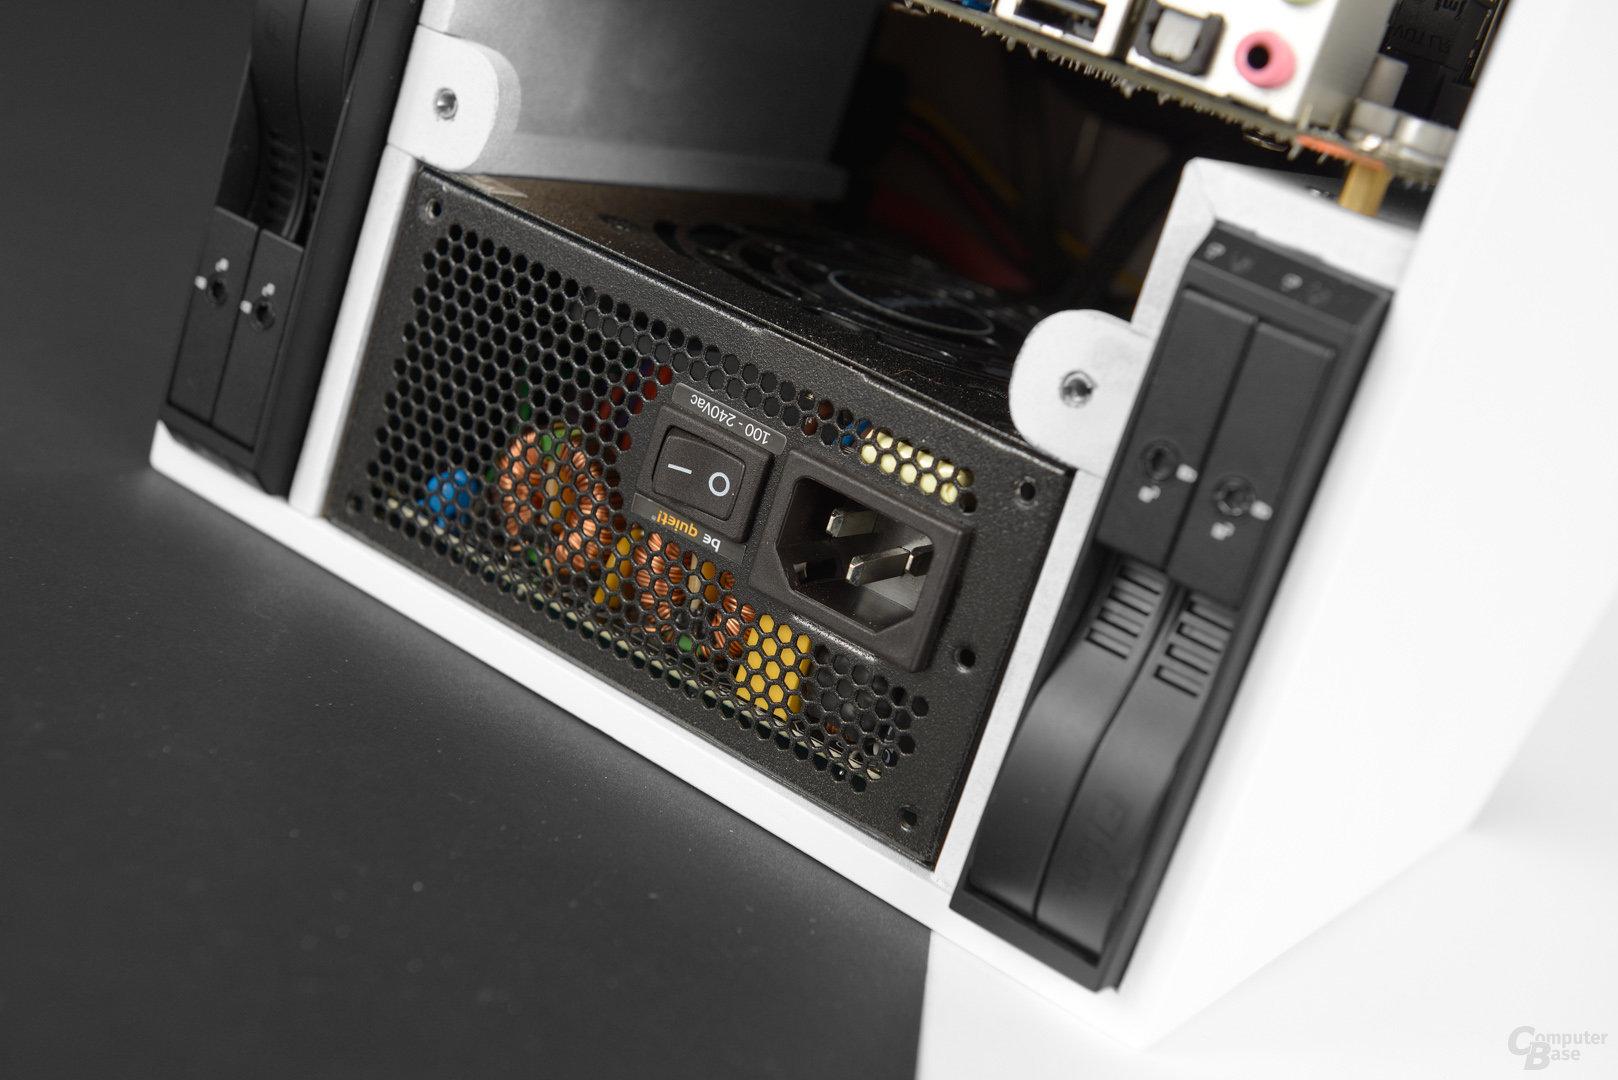 Inkubus 300µ - Netzteil auf seitlichen Trägern